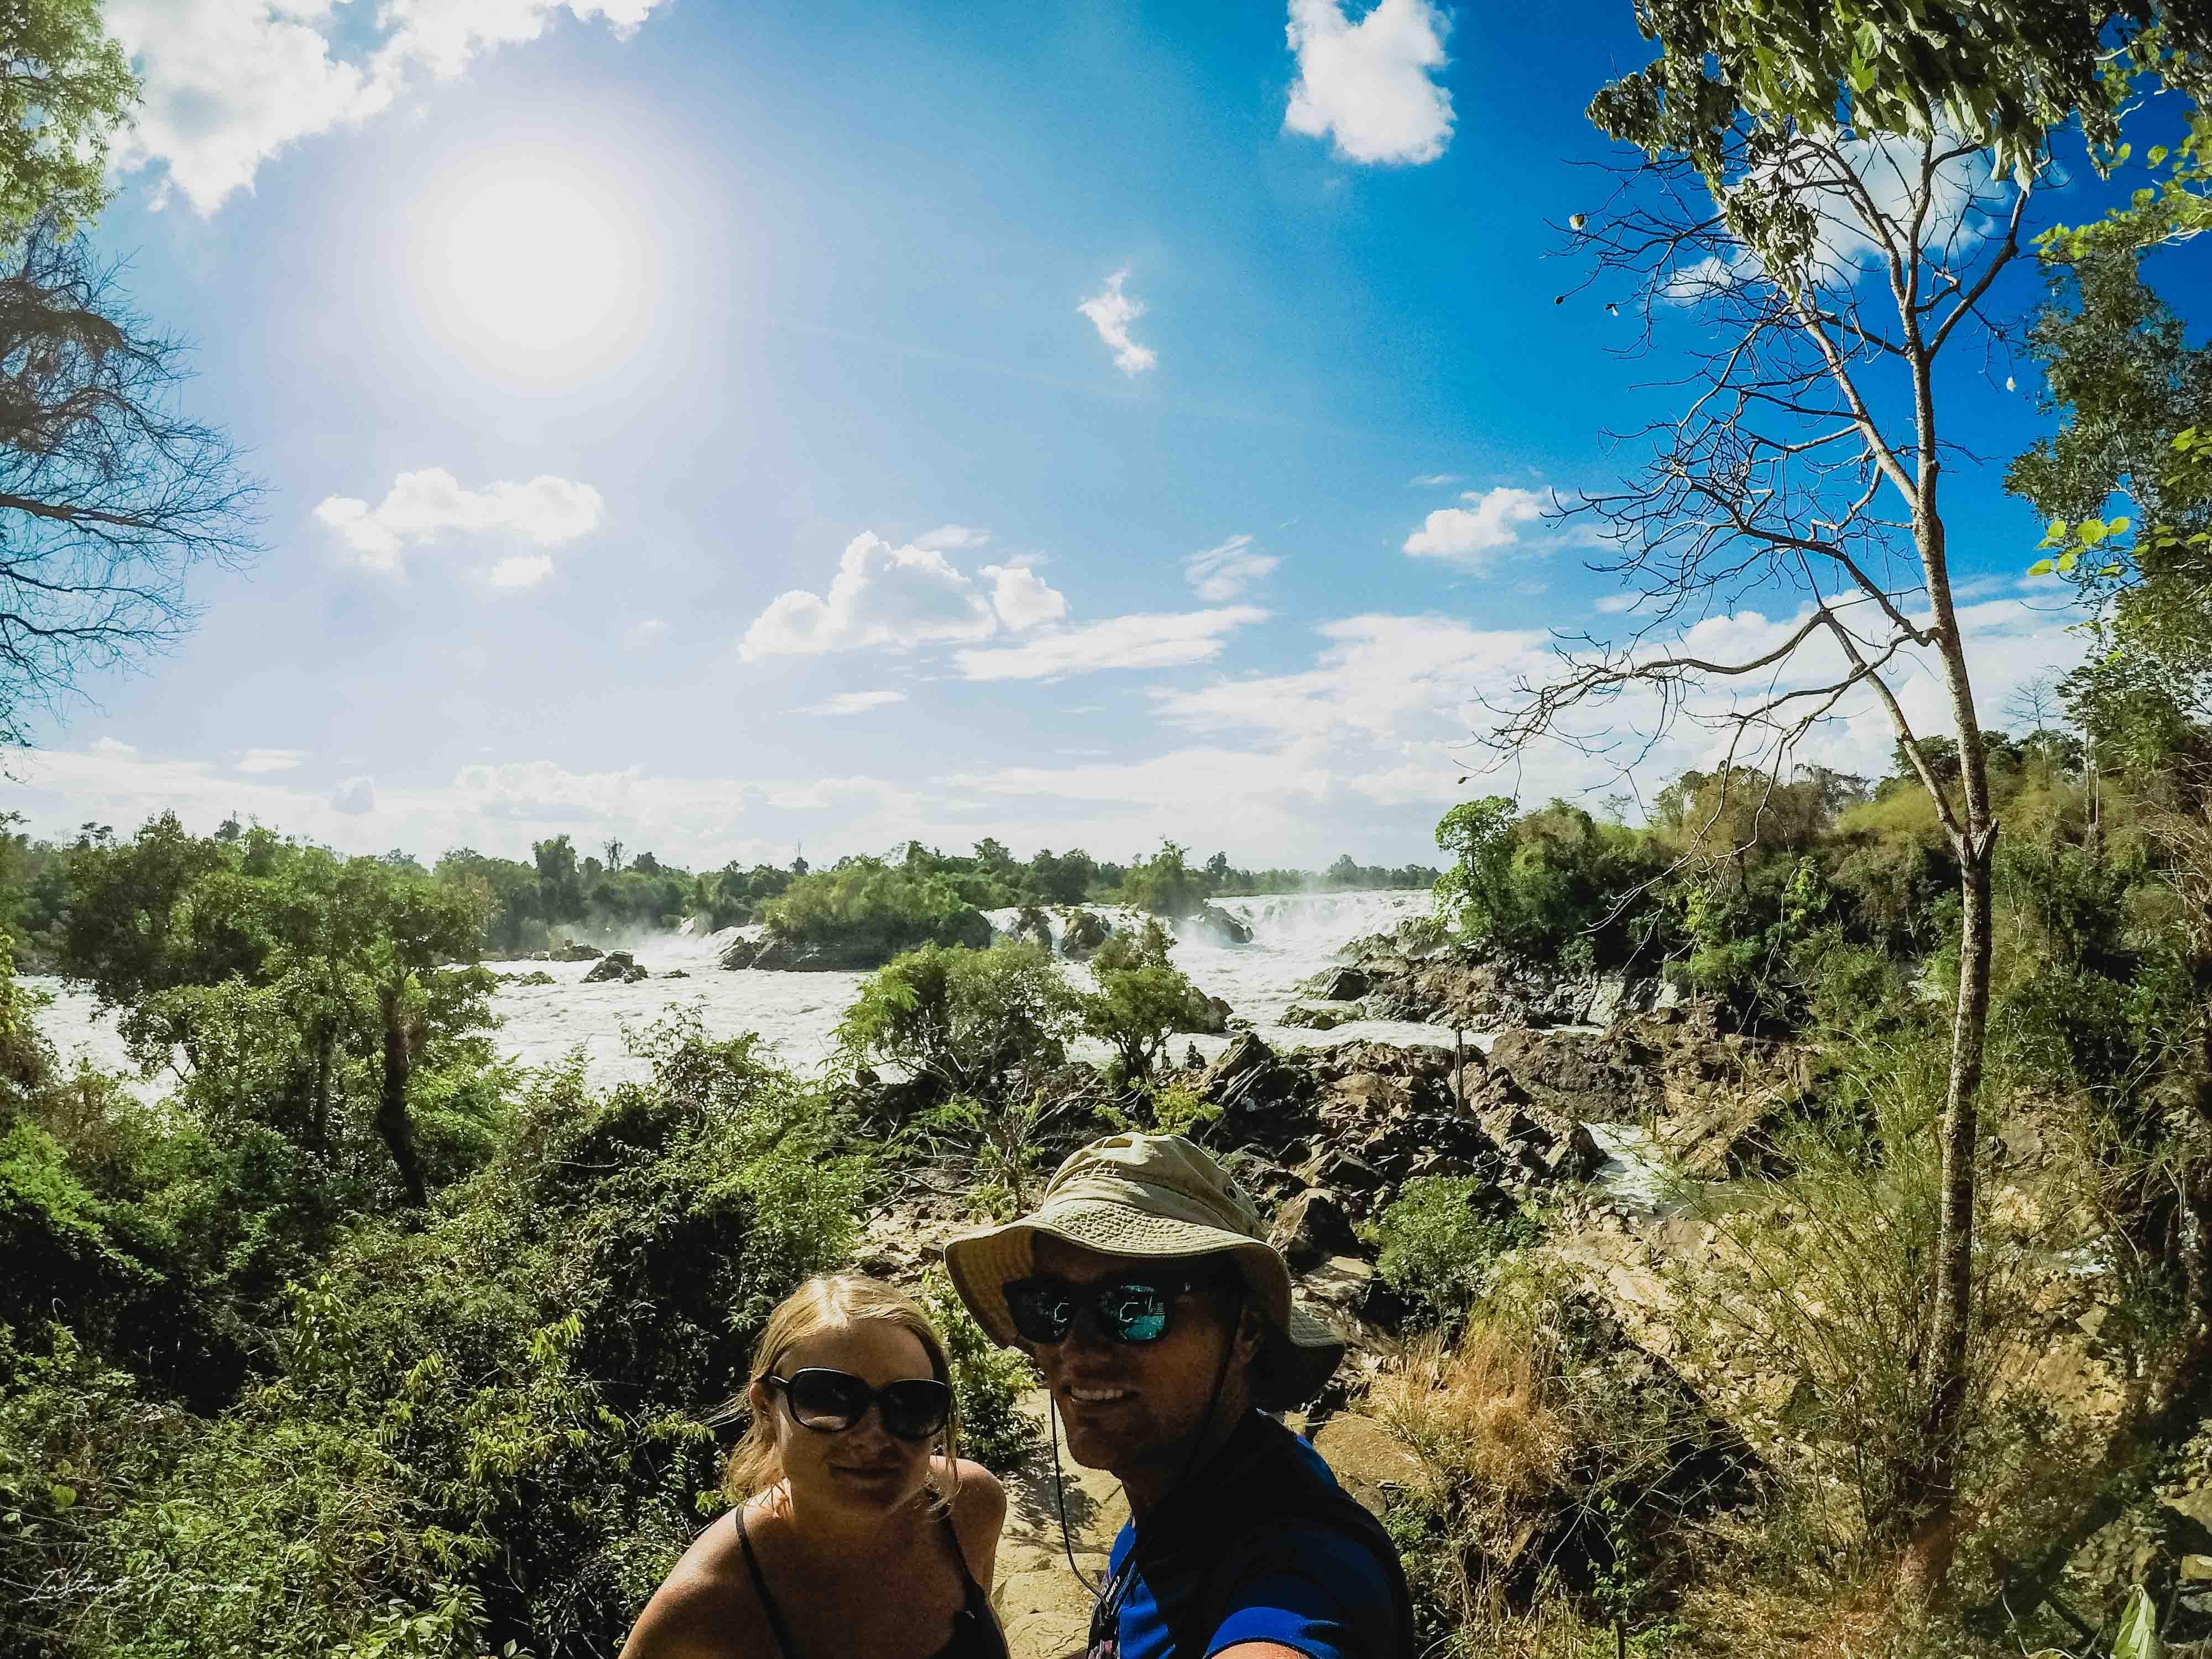 cascade 4000 îles laos